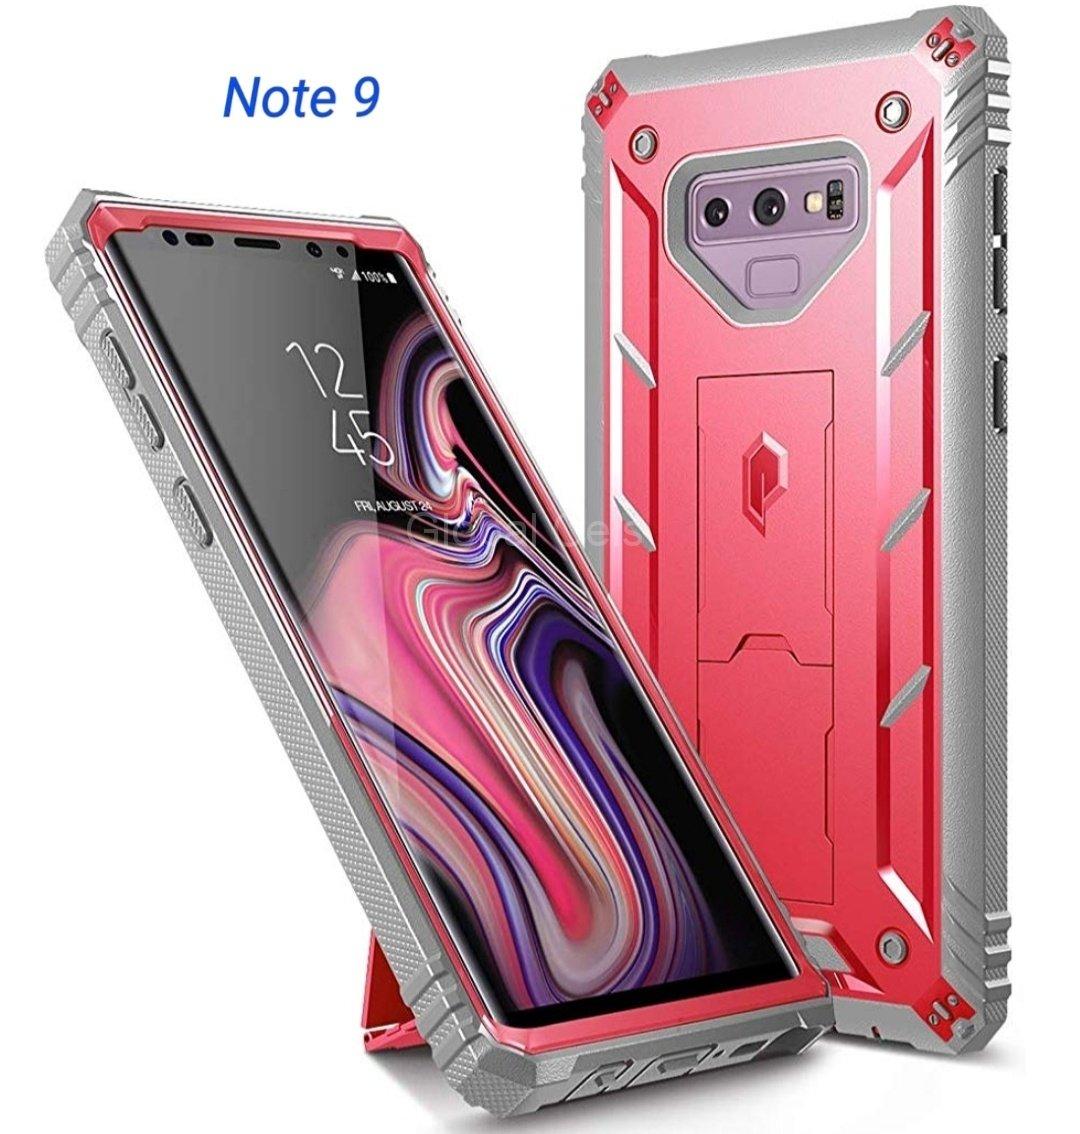 Case Galaxy Note 9 Carcasa 360 de alta protección c/ Mica Rosado 00313